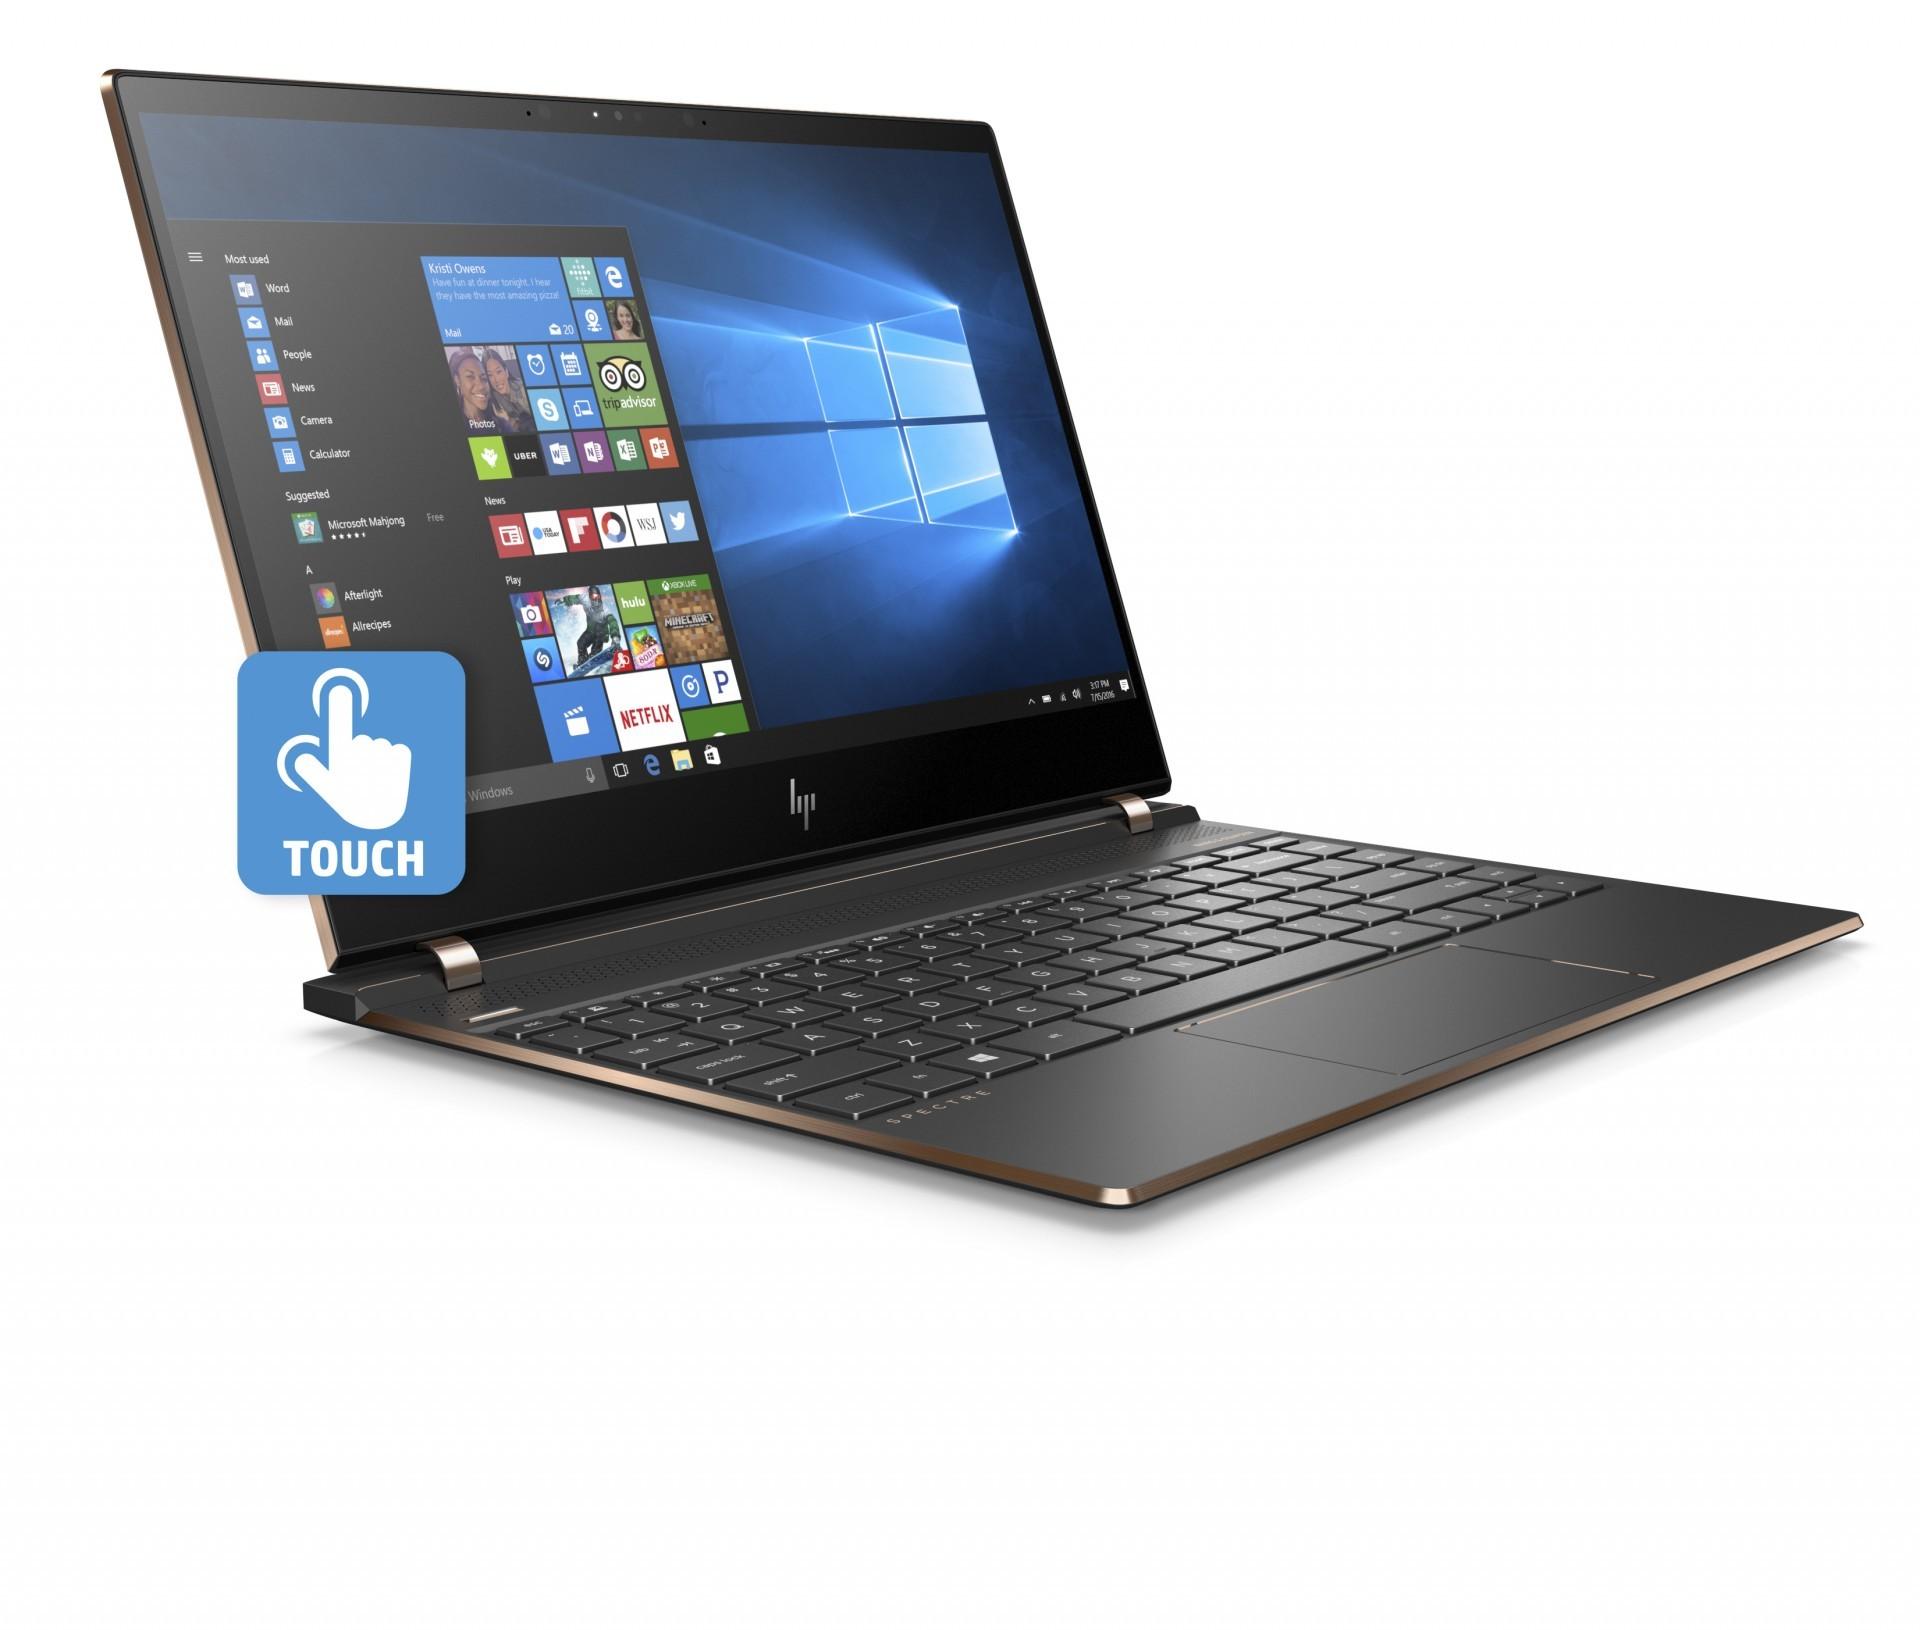 HP 15-bw061nl 3FX02EAR HP Renew